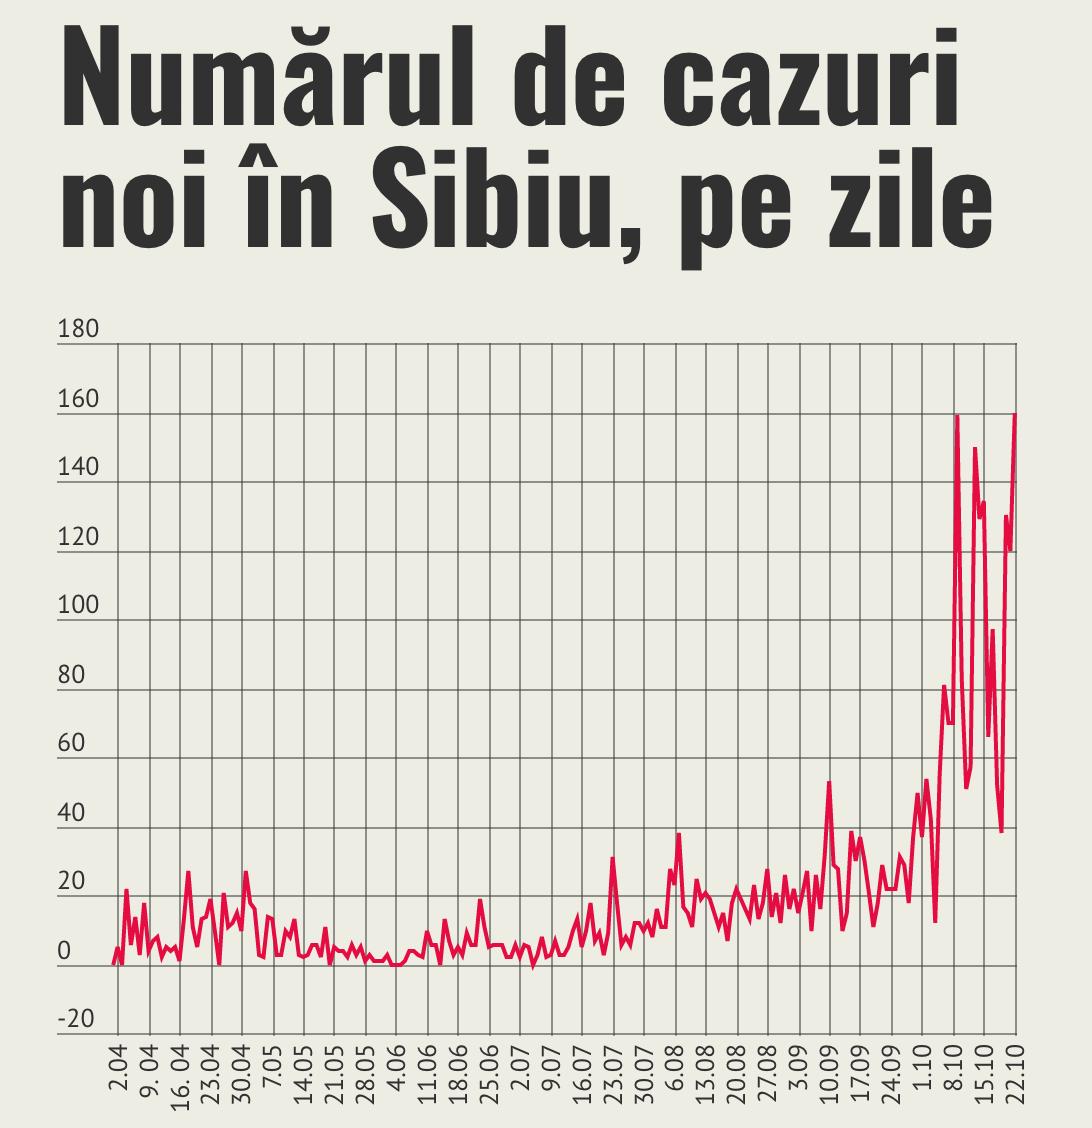 Nou record de cazuri în Sibiu: 160. 45% din cazurile de coronavirus de la începutul pandemiei s-au înregistrat în luna octombrie